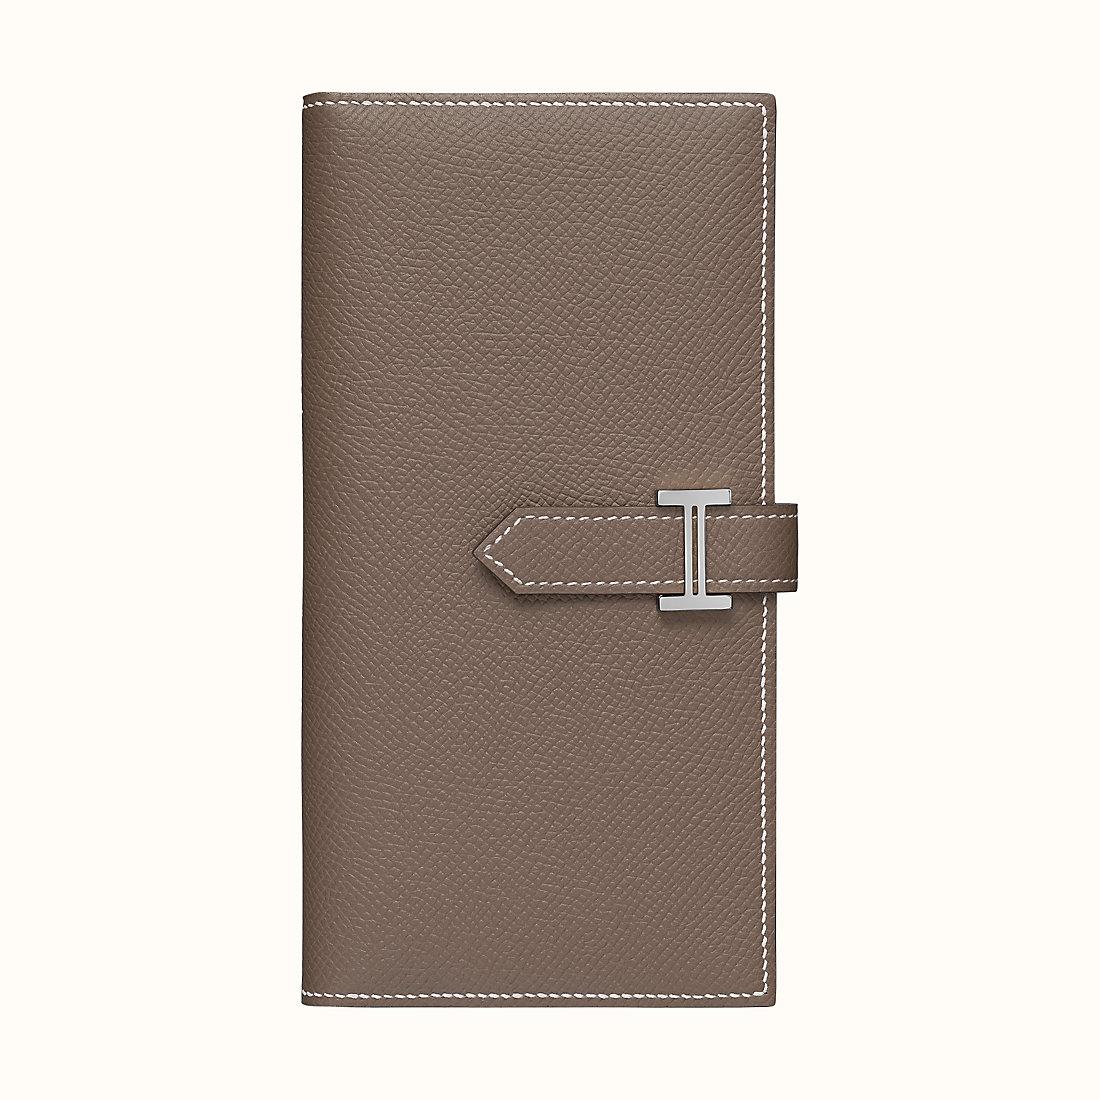 臺灣連江縣愛馬仕錢包 Hermes Bearn wallet CK18 Étoupe 大象灰